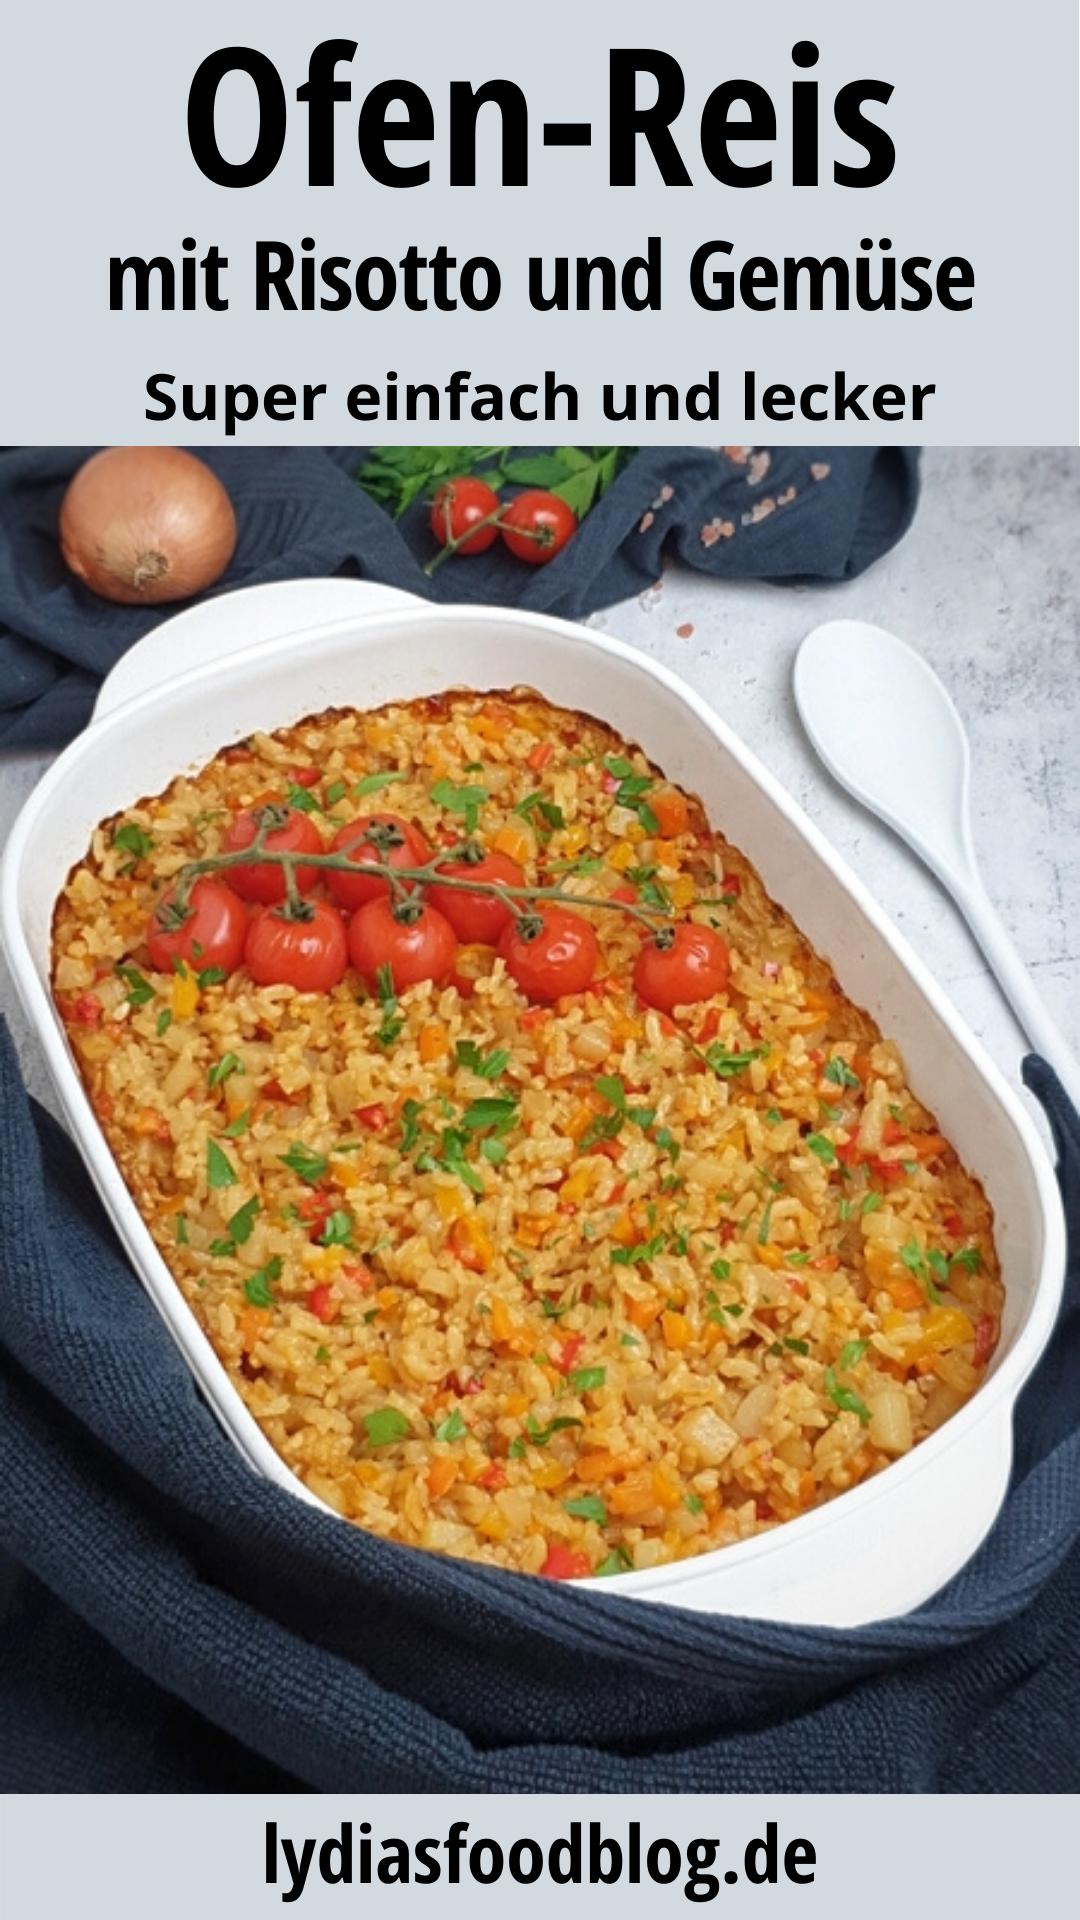 Risotto einfach aus dem Ofen, mit Gemüse, Rezept